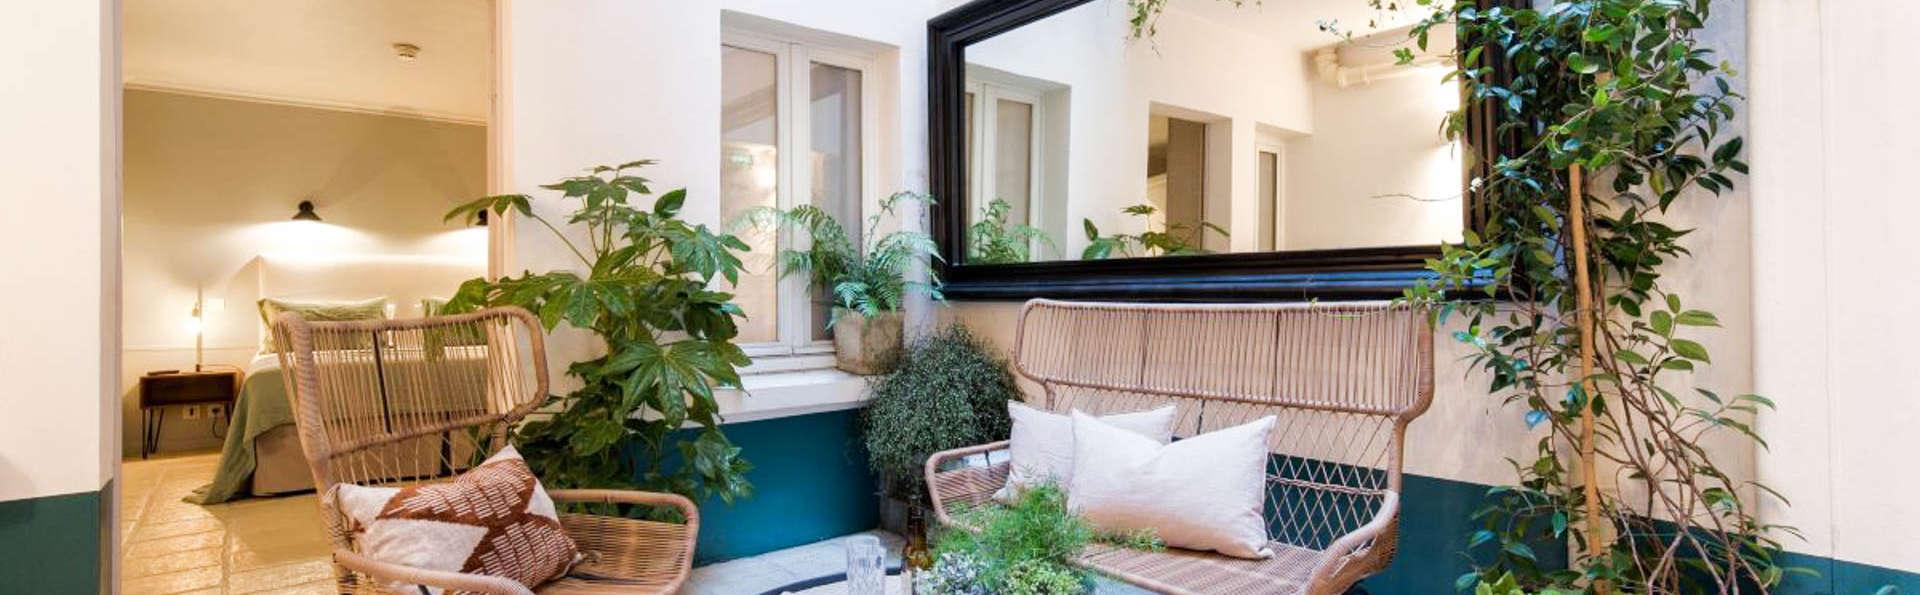 Posez vos valises dans un hôtel plein de charme au cœur du Marais